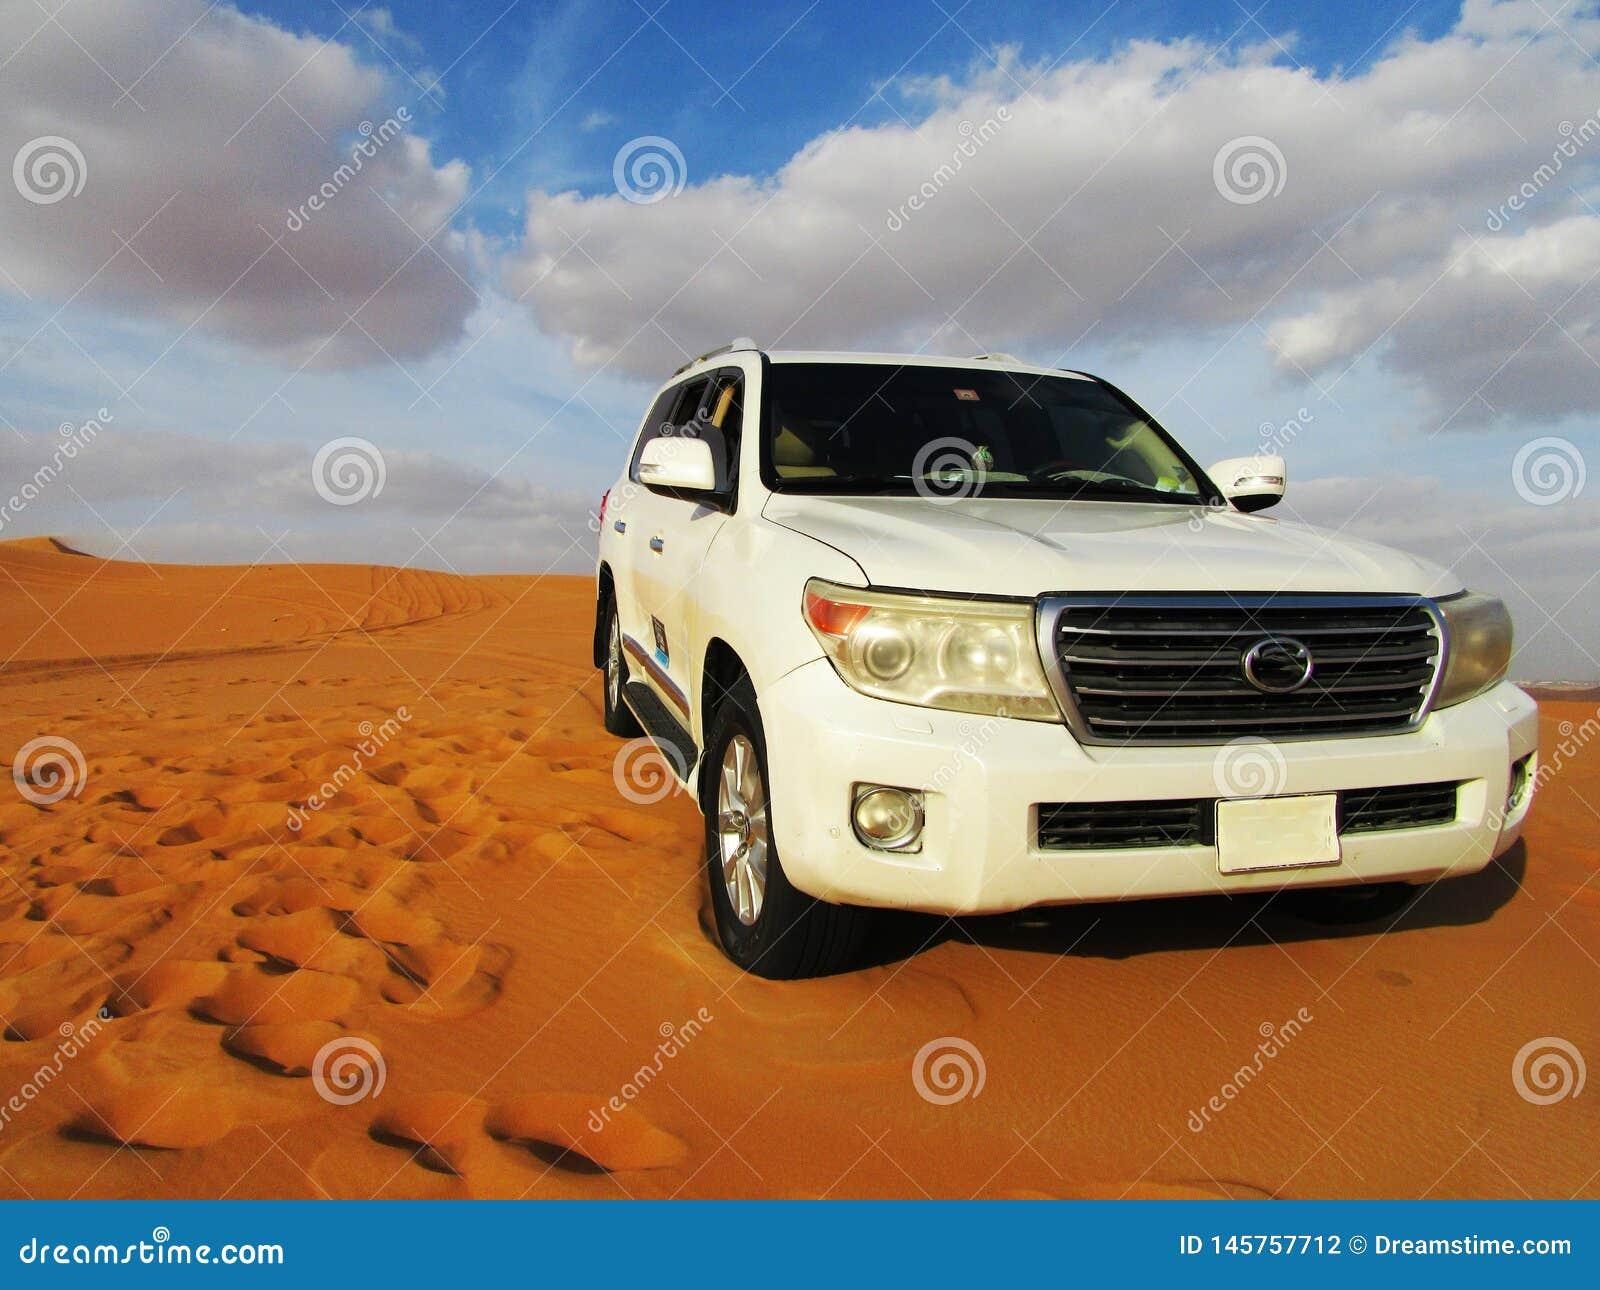 Desert Safari Dubai, United Arab Emirates